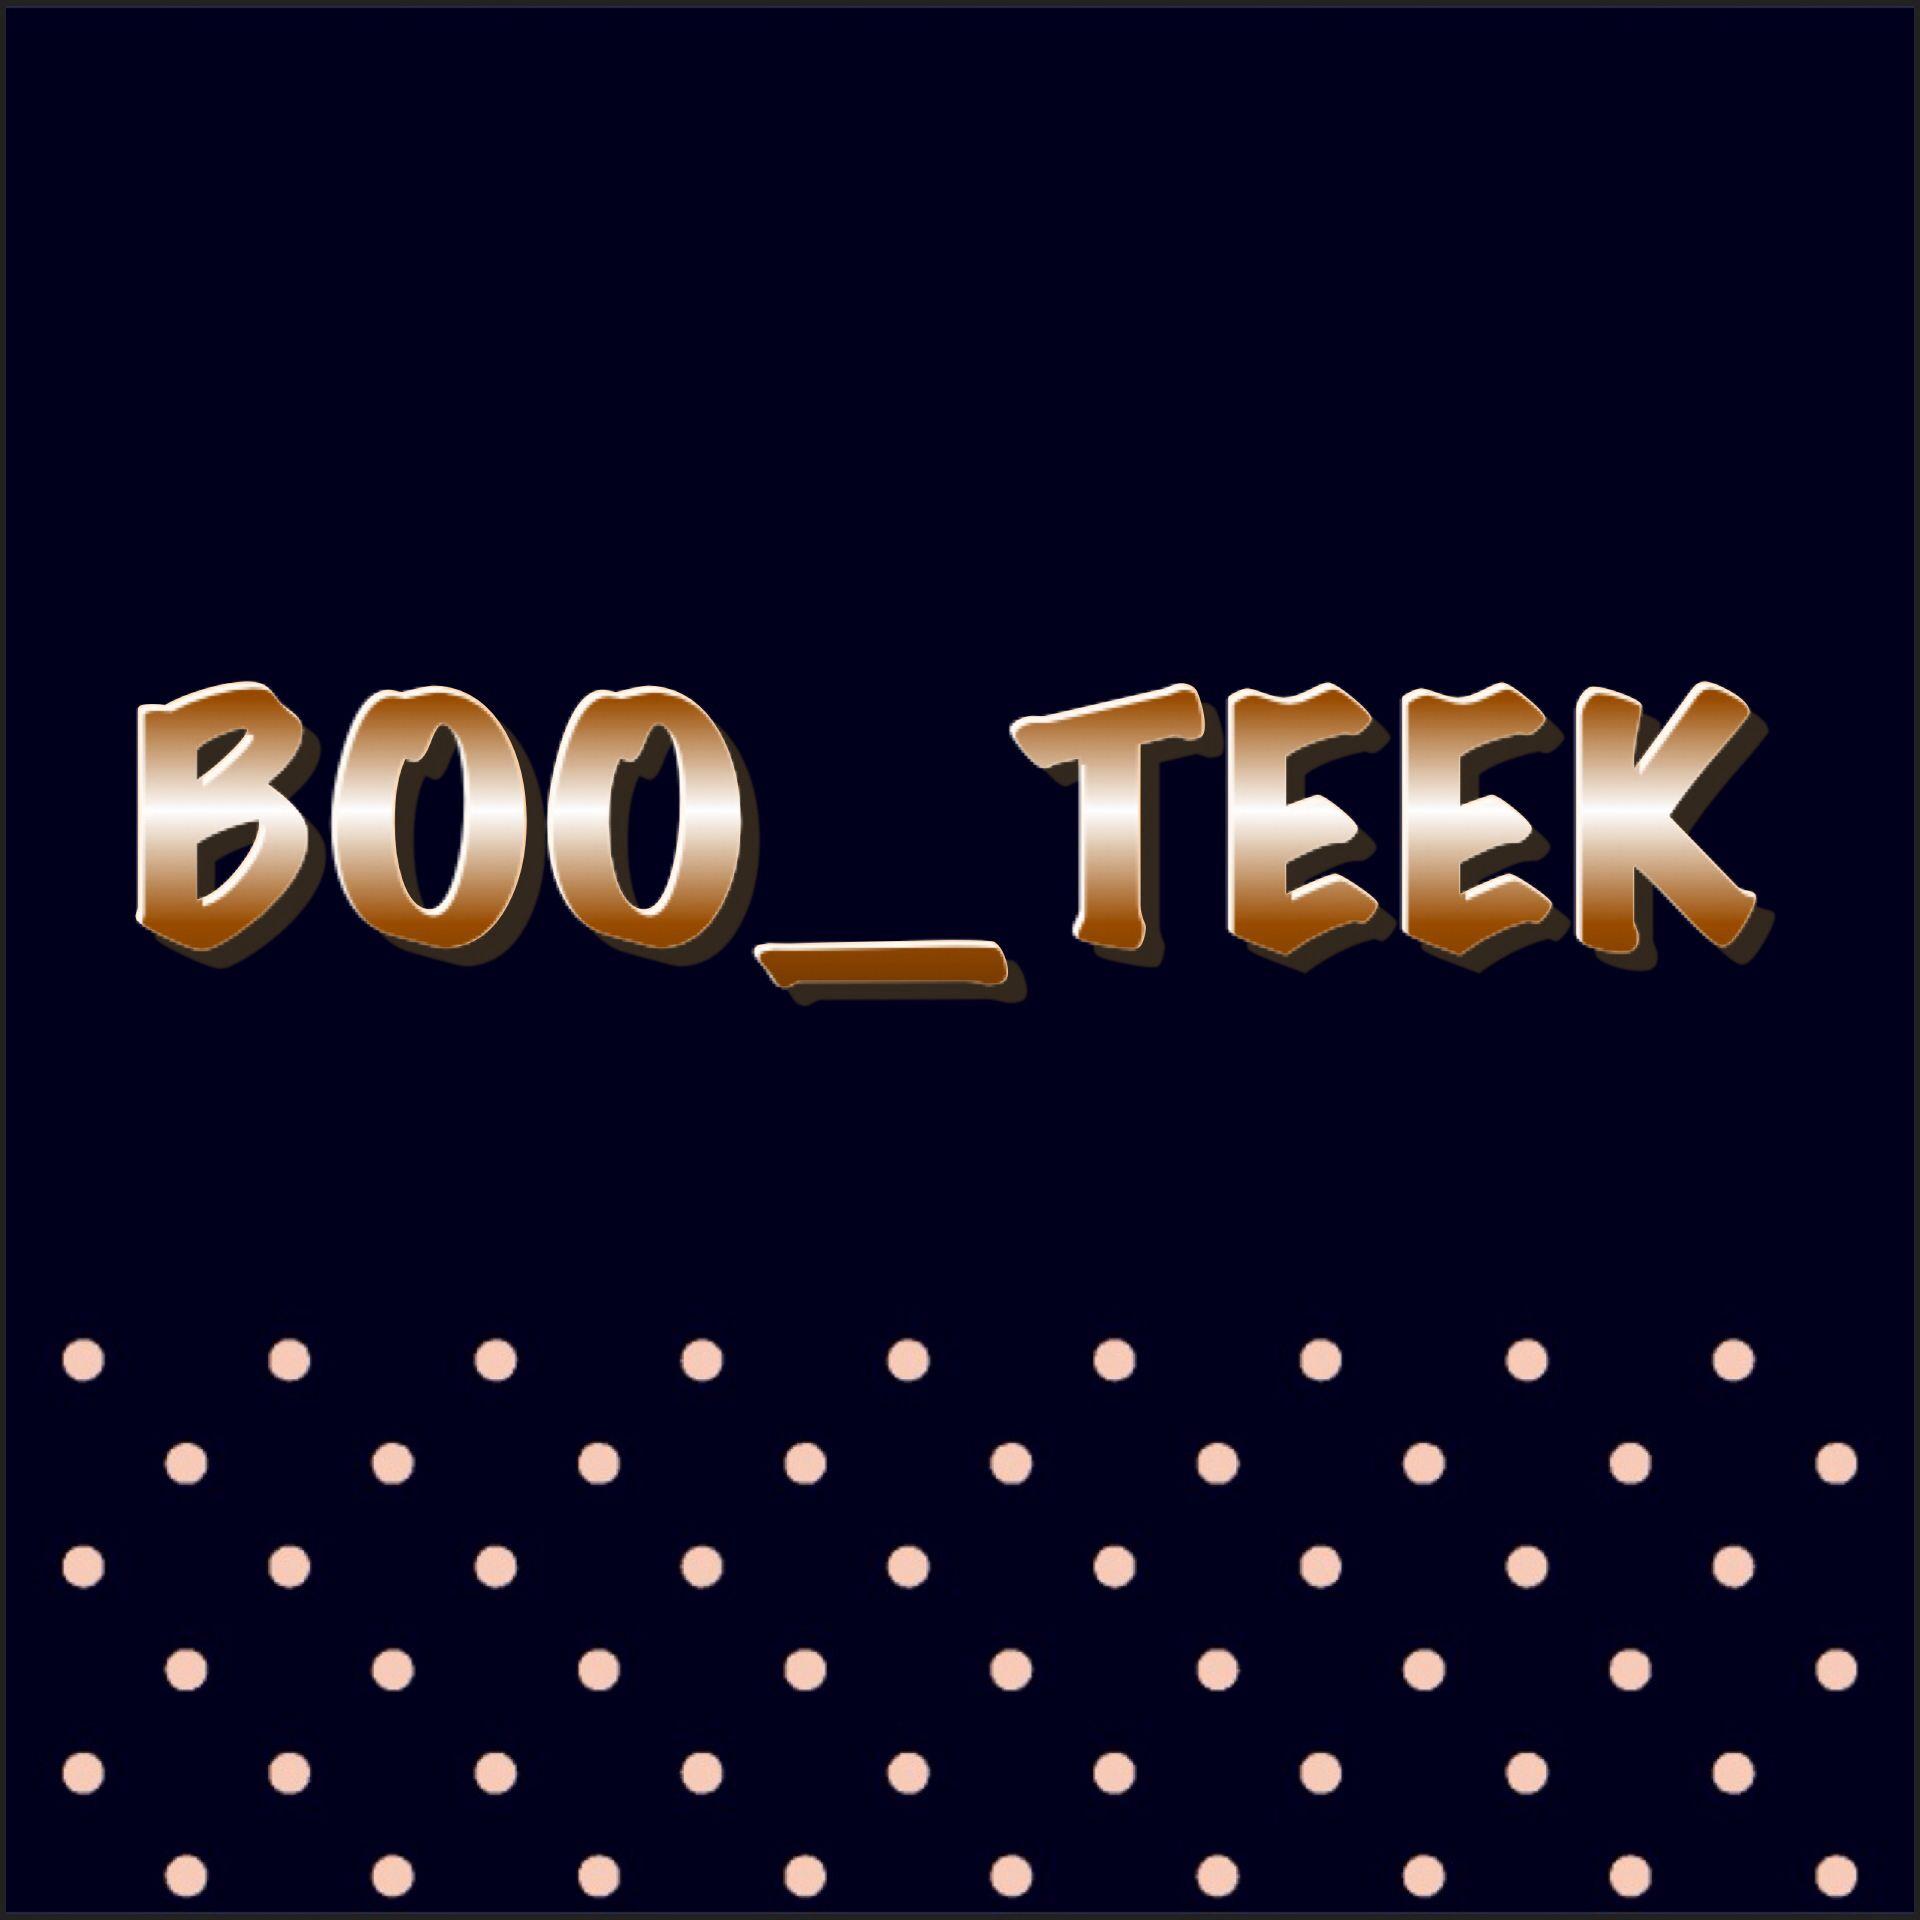 boo_teek